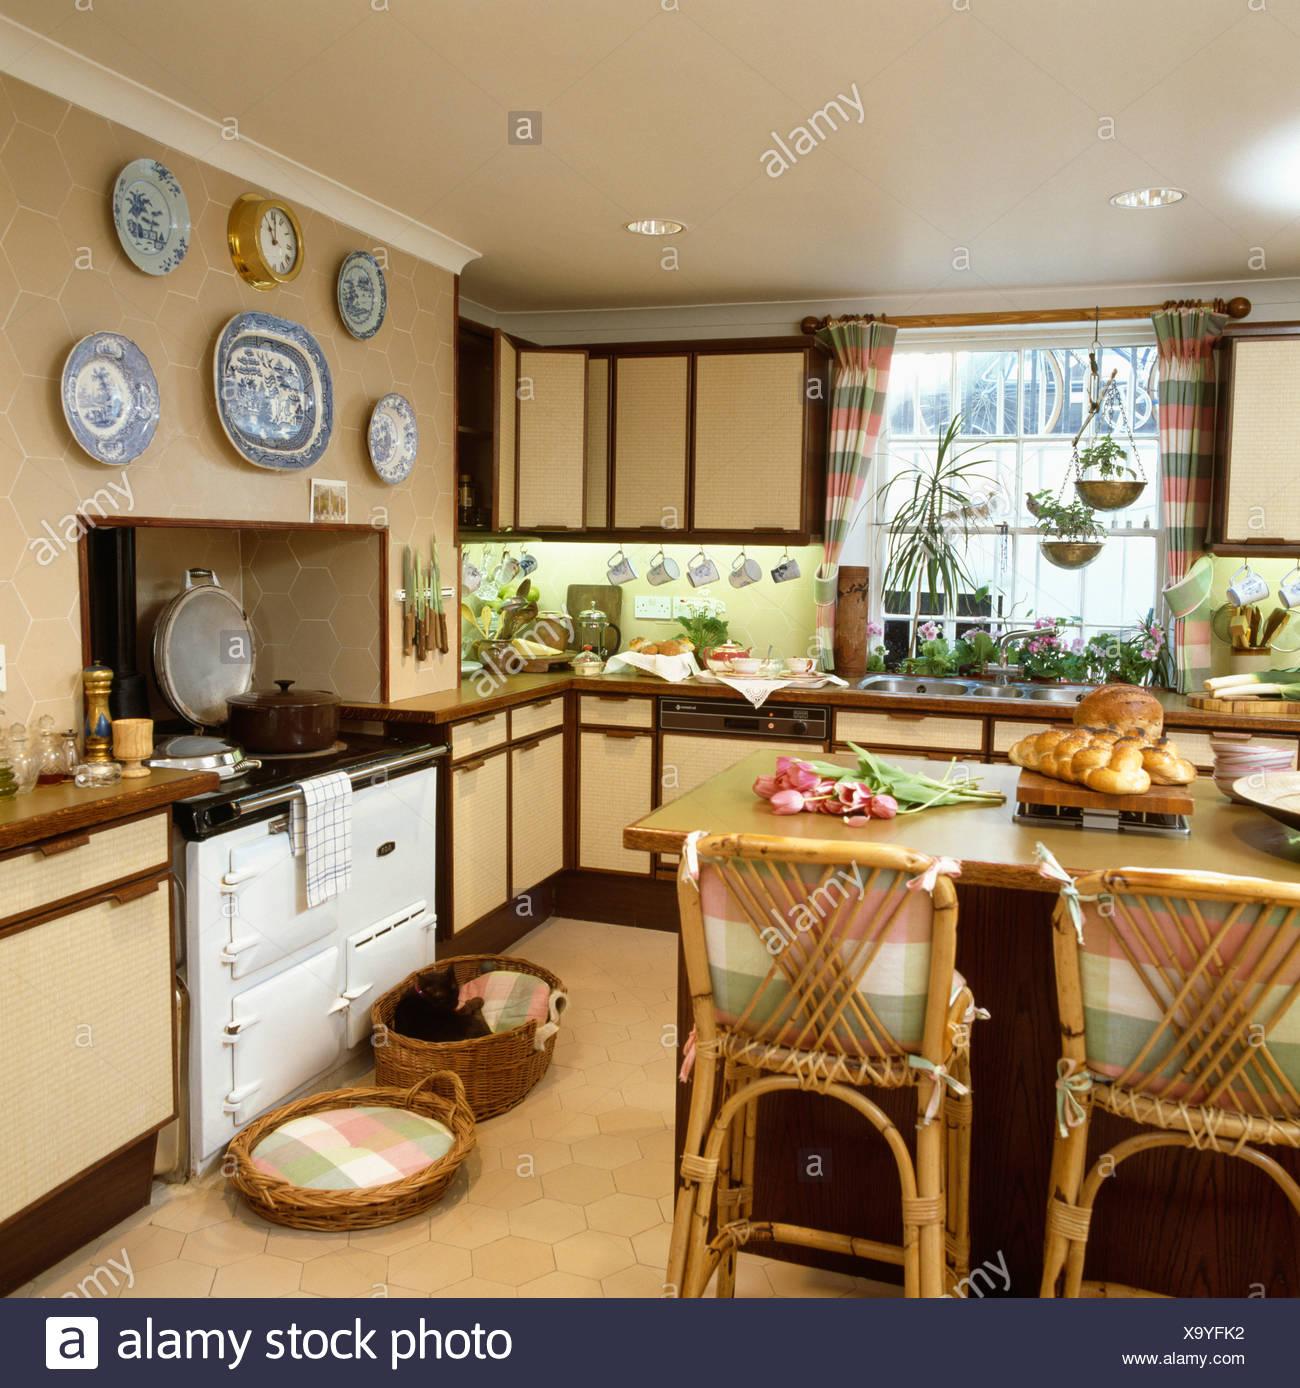 Lujo Sims 3 Crear Isla De Cocina Ornamento Como Decorar la Cocina